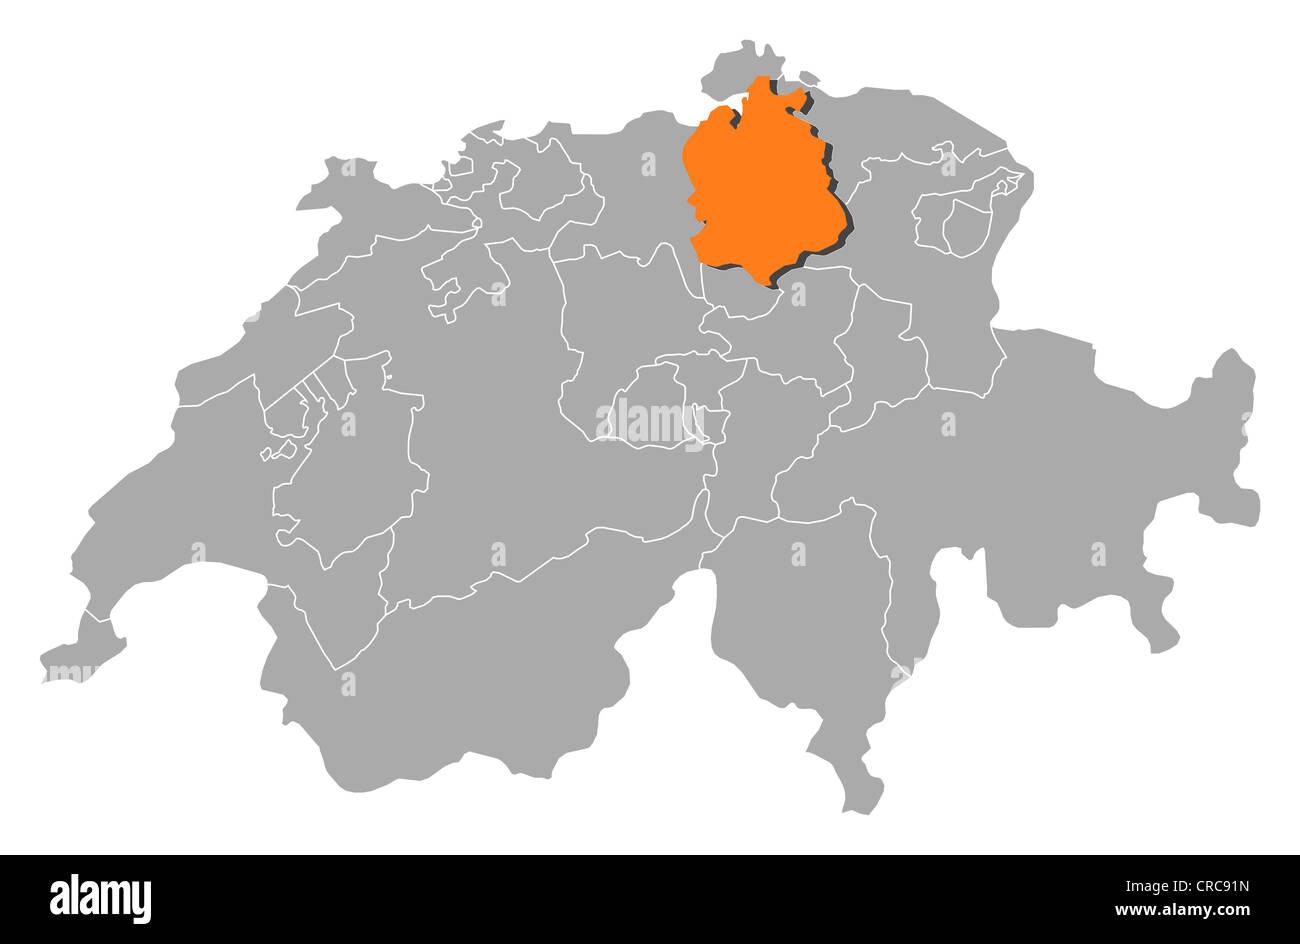 Mapa Politico De Suiza.Mapa Politico De Suiza Con Los Varios Cantones Donde Zurich